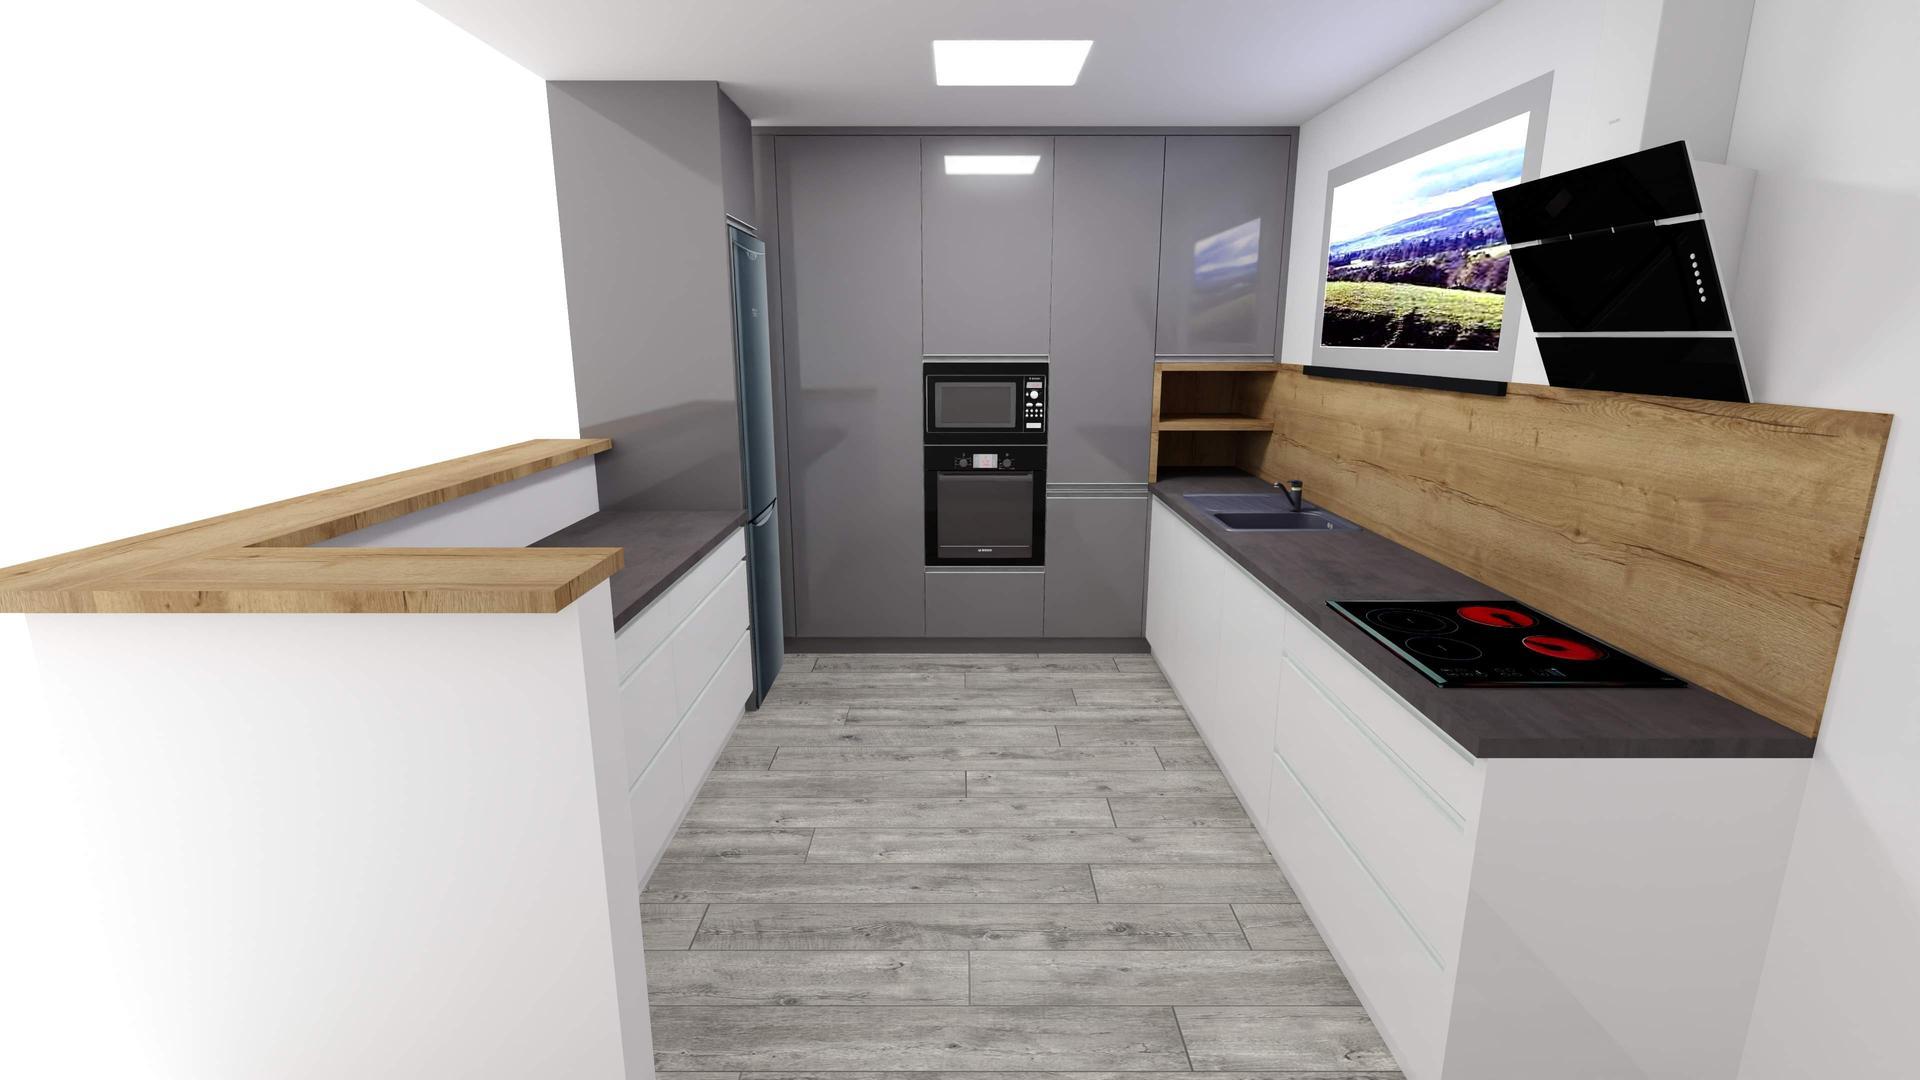 Vizualizácie kuchyne a kúpeľne - Návrh č.2 Ktorý sa vám páči viac? My sa prikláňame k tomuto.